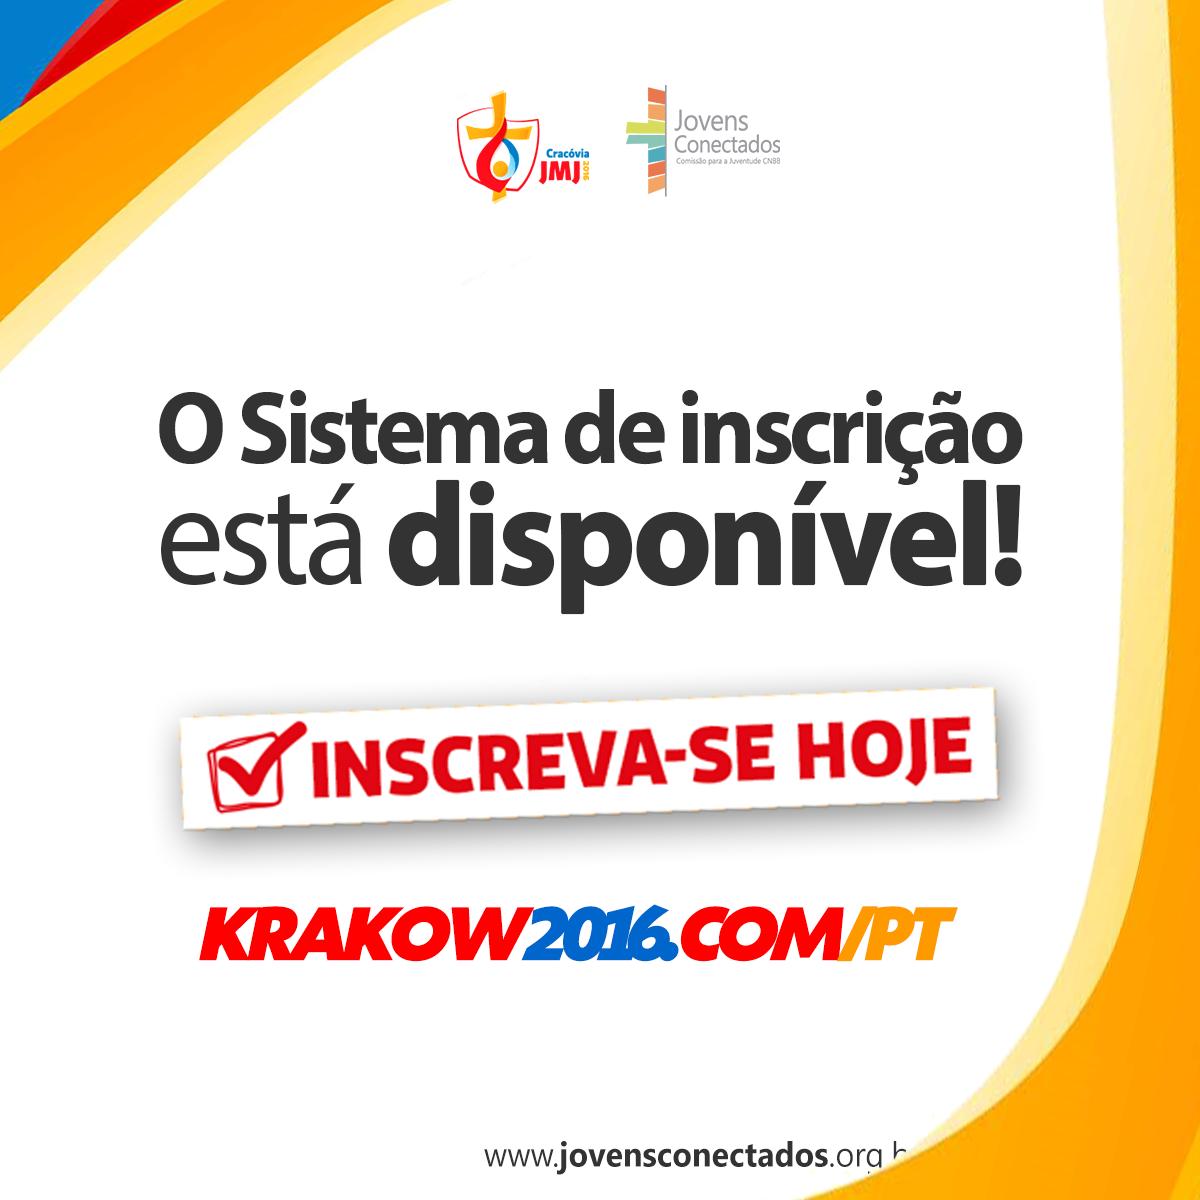 Inscrições abertas para Jornada Mundial da Juventude2016